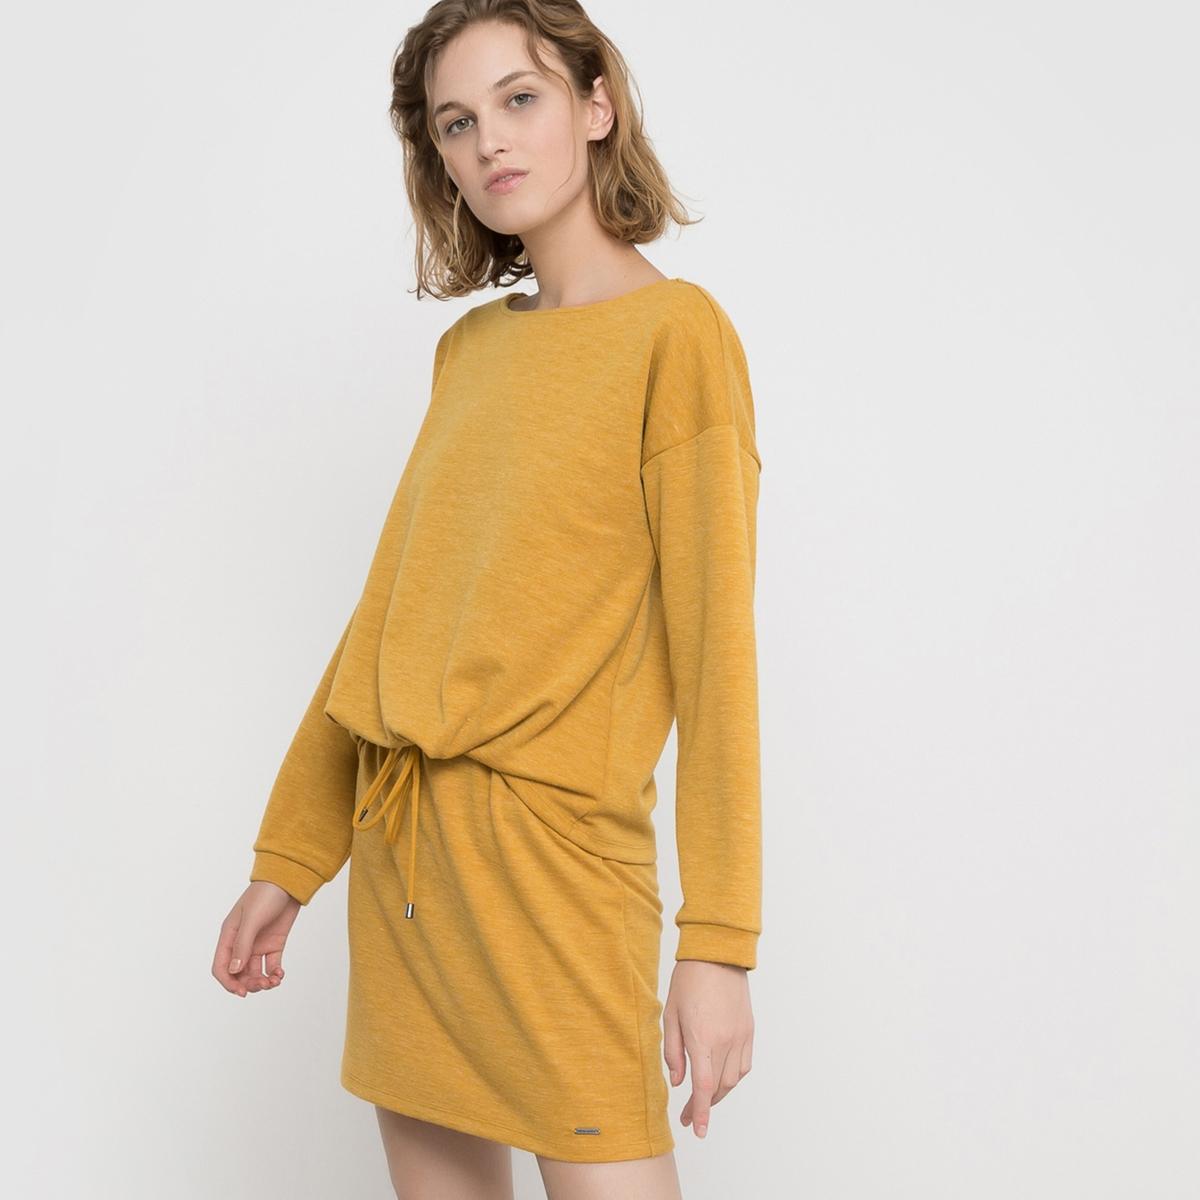 Платье меланж с длинными рукавами, VMNORAПлатье с длинными рукавами VMNORA от VERO MODA. Платье из ткани меланж и с отделкой манжет в рубчик. Свободный круглый вырез. Шнурок с завязками и напускной эффект на поясе. Состав и описаниеМарка : VERO MODA.Модель : VMNORA Материал : 80% полиэстера, 15% вискозы, 5% эластана.<br><br>Цвет: горчичный